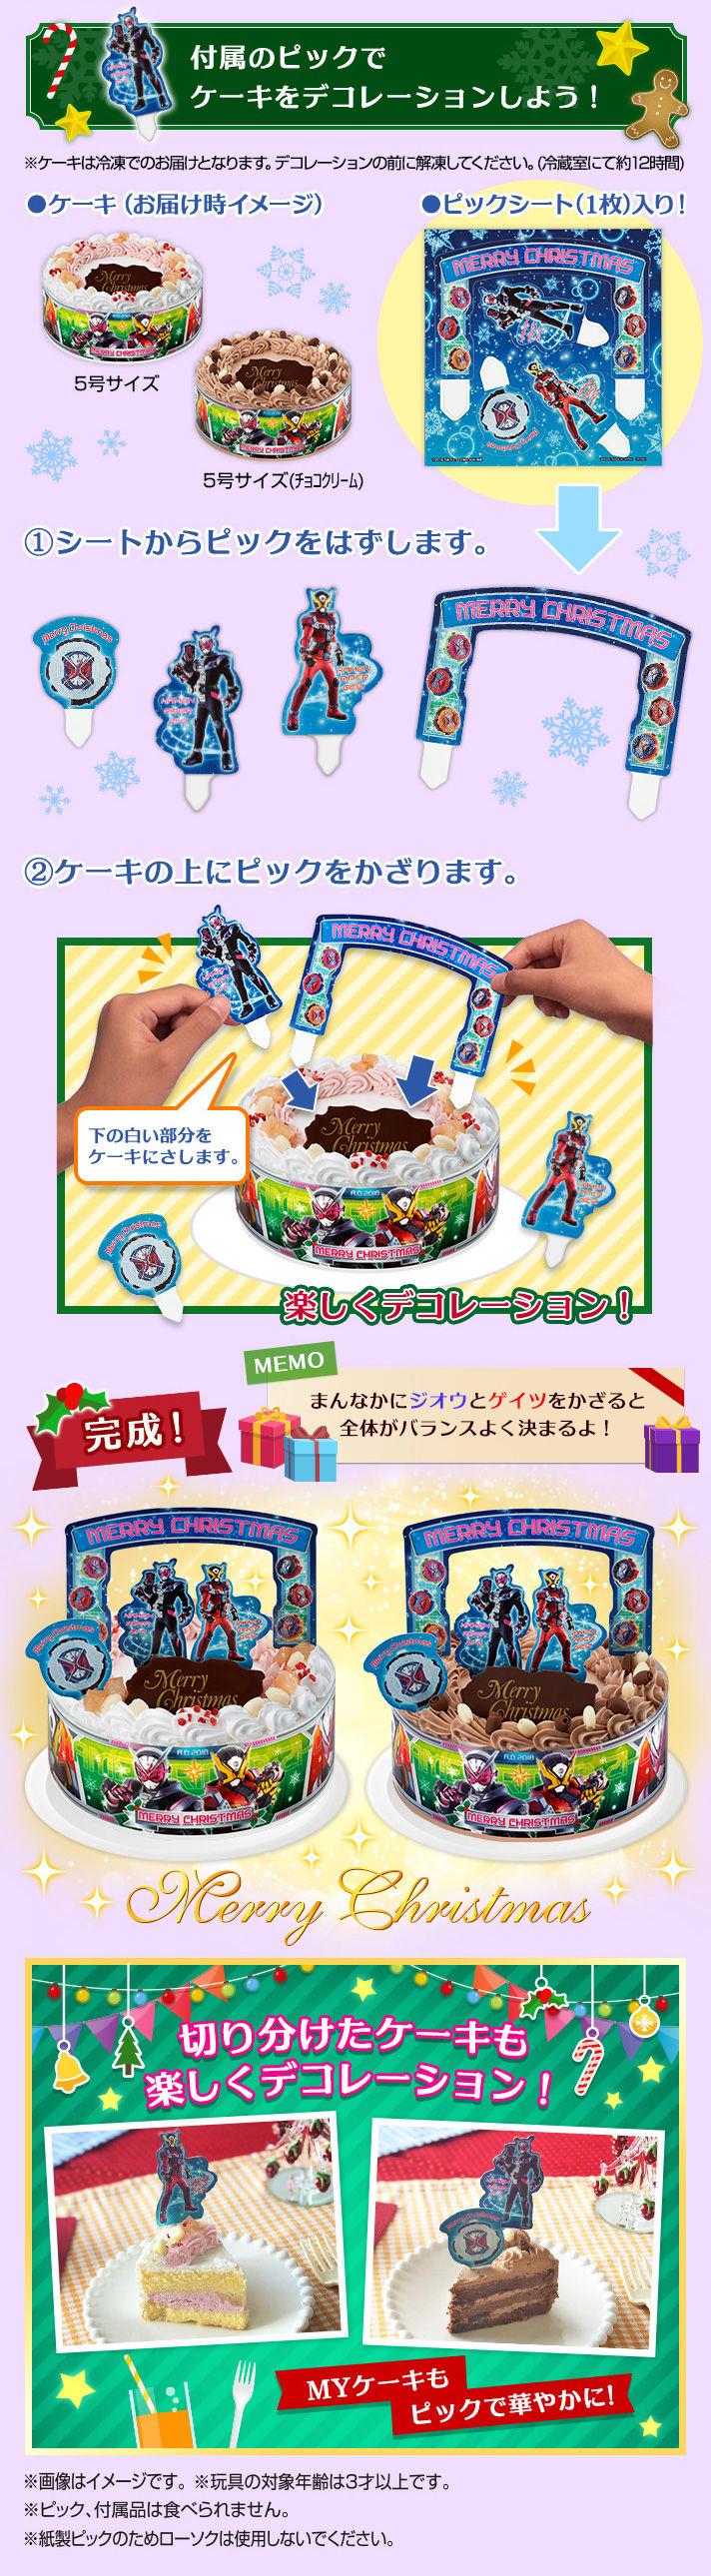 キャラデコ クリスマス 仮面ライダージオウ